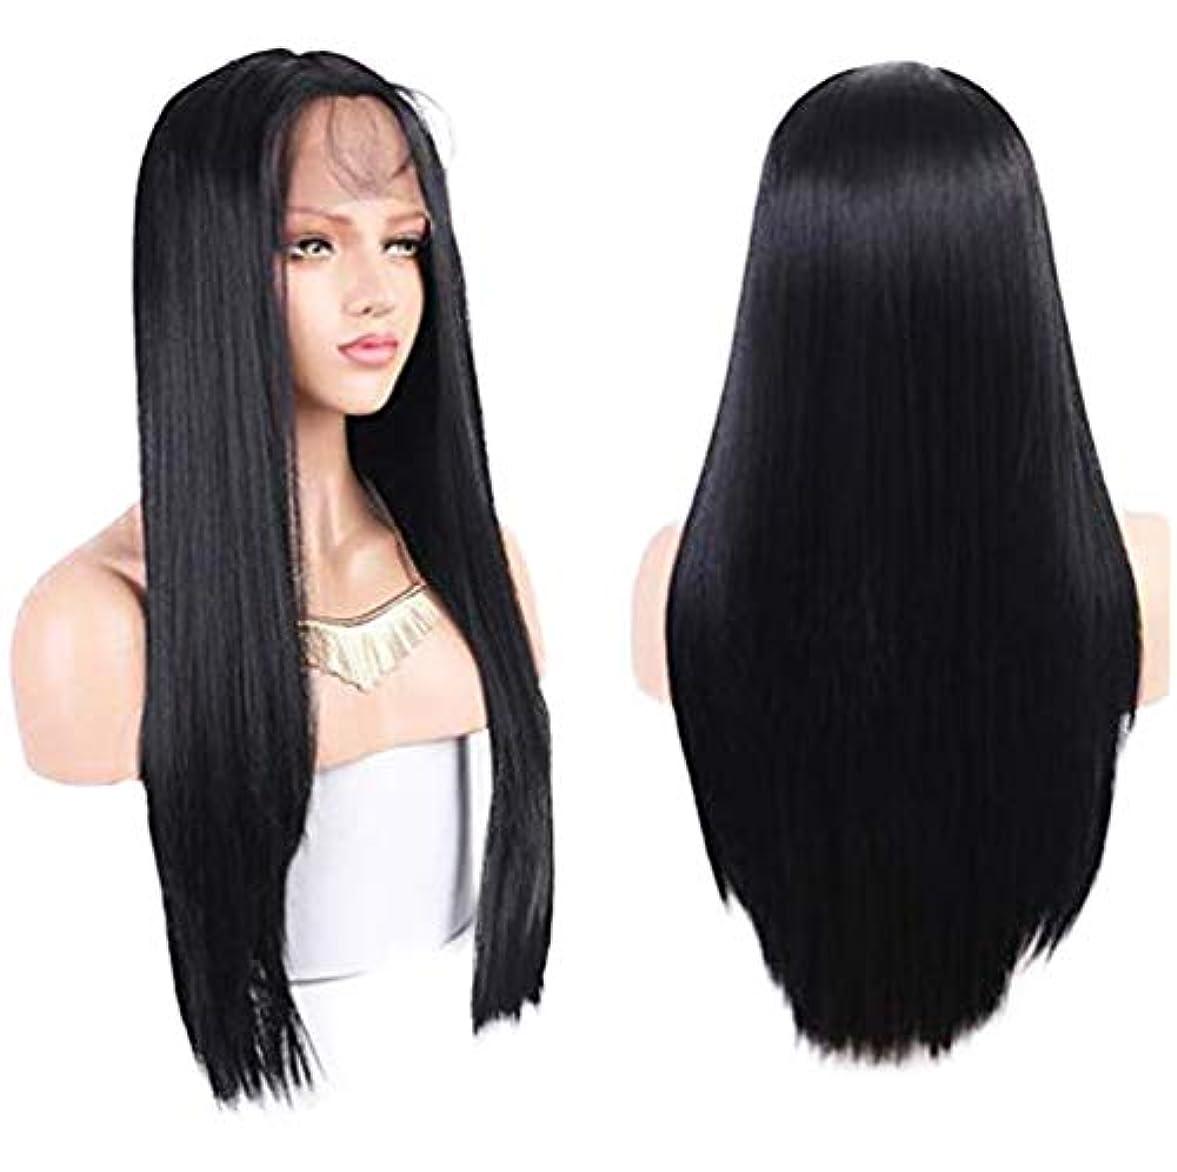 発揮するフレア医療過誤女性レースフロントかつら未処理バージン毛ブラジルレミー人毛ストレート髪レースかつらベビー毛で150%密度